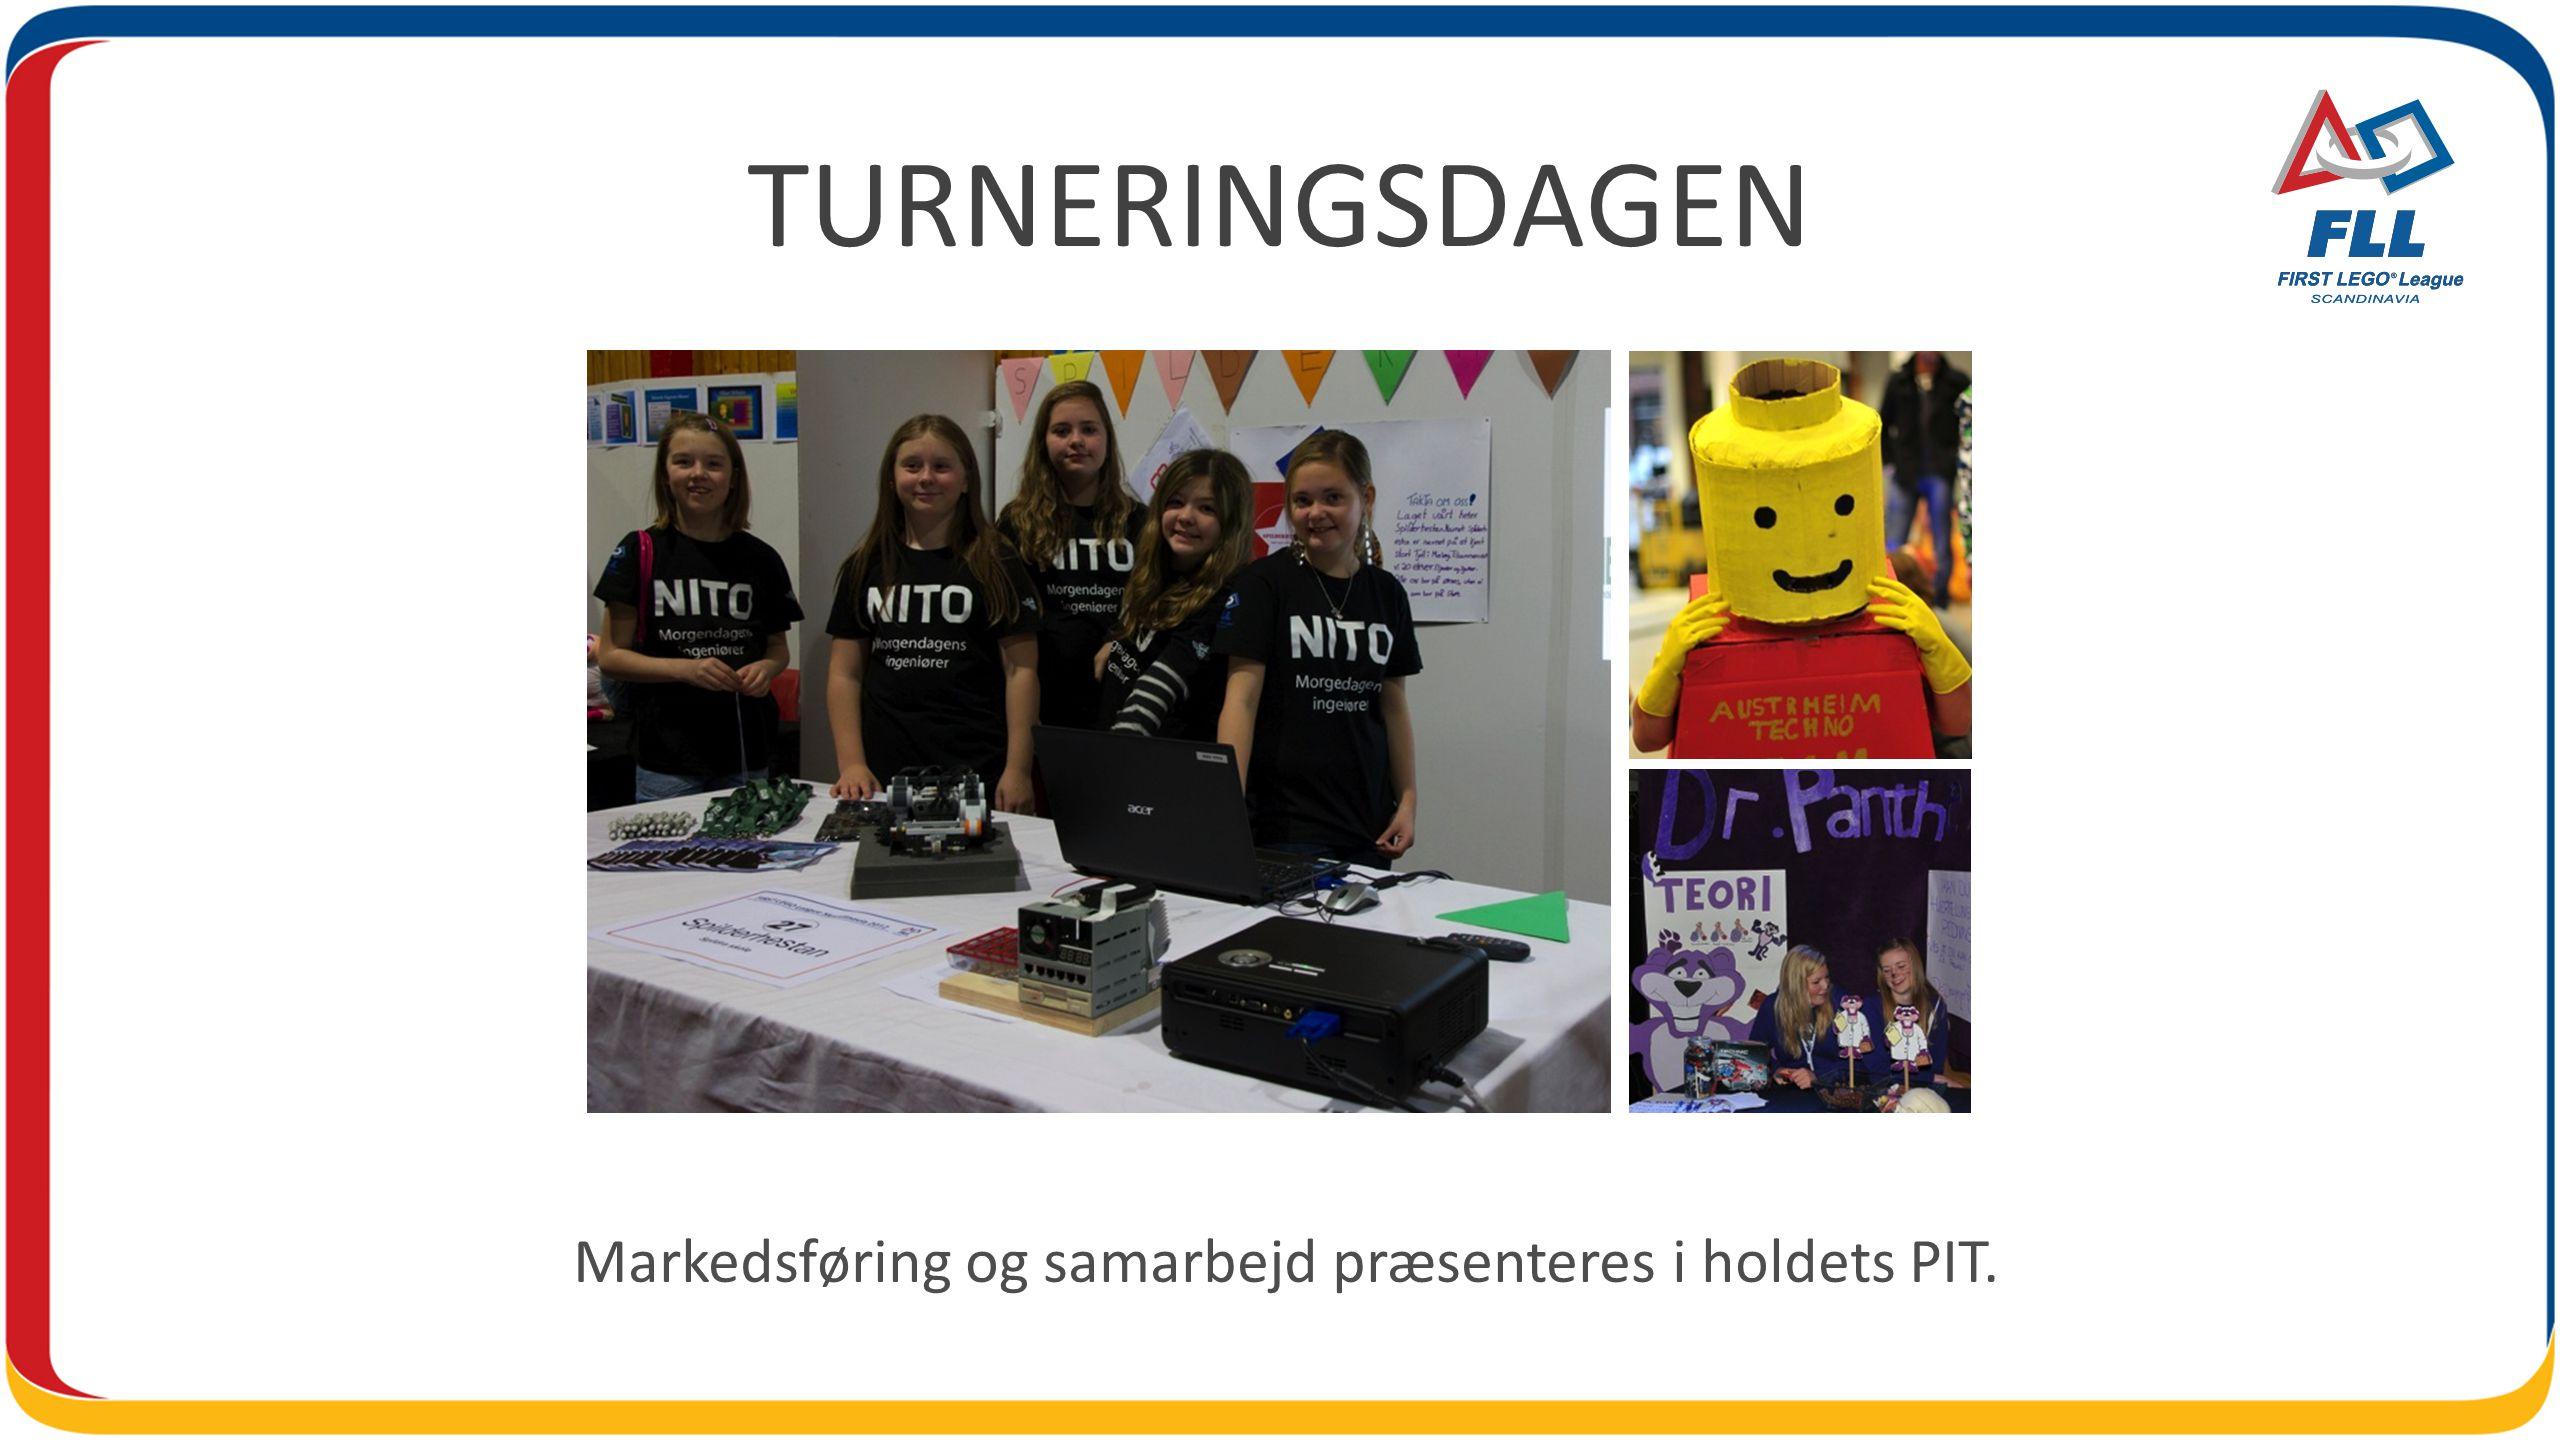 TURNERINGSDAGEN Markedsføring og samarbejd præsenteres i holdets PIT.